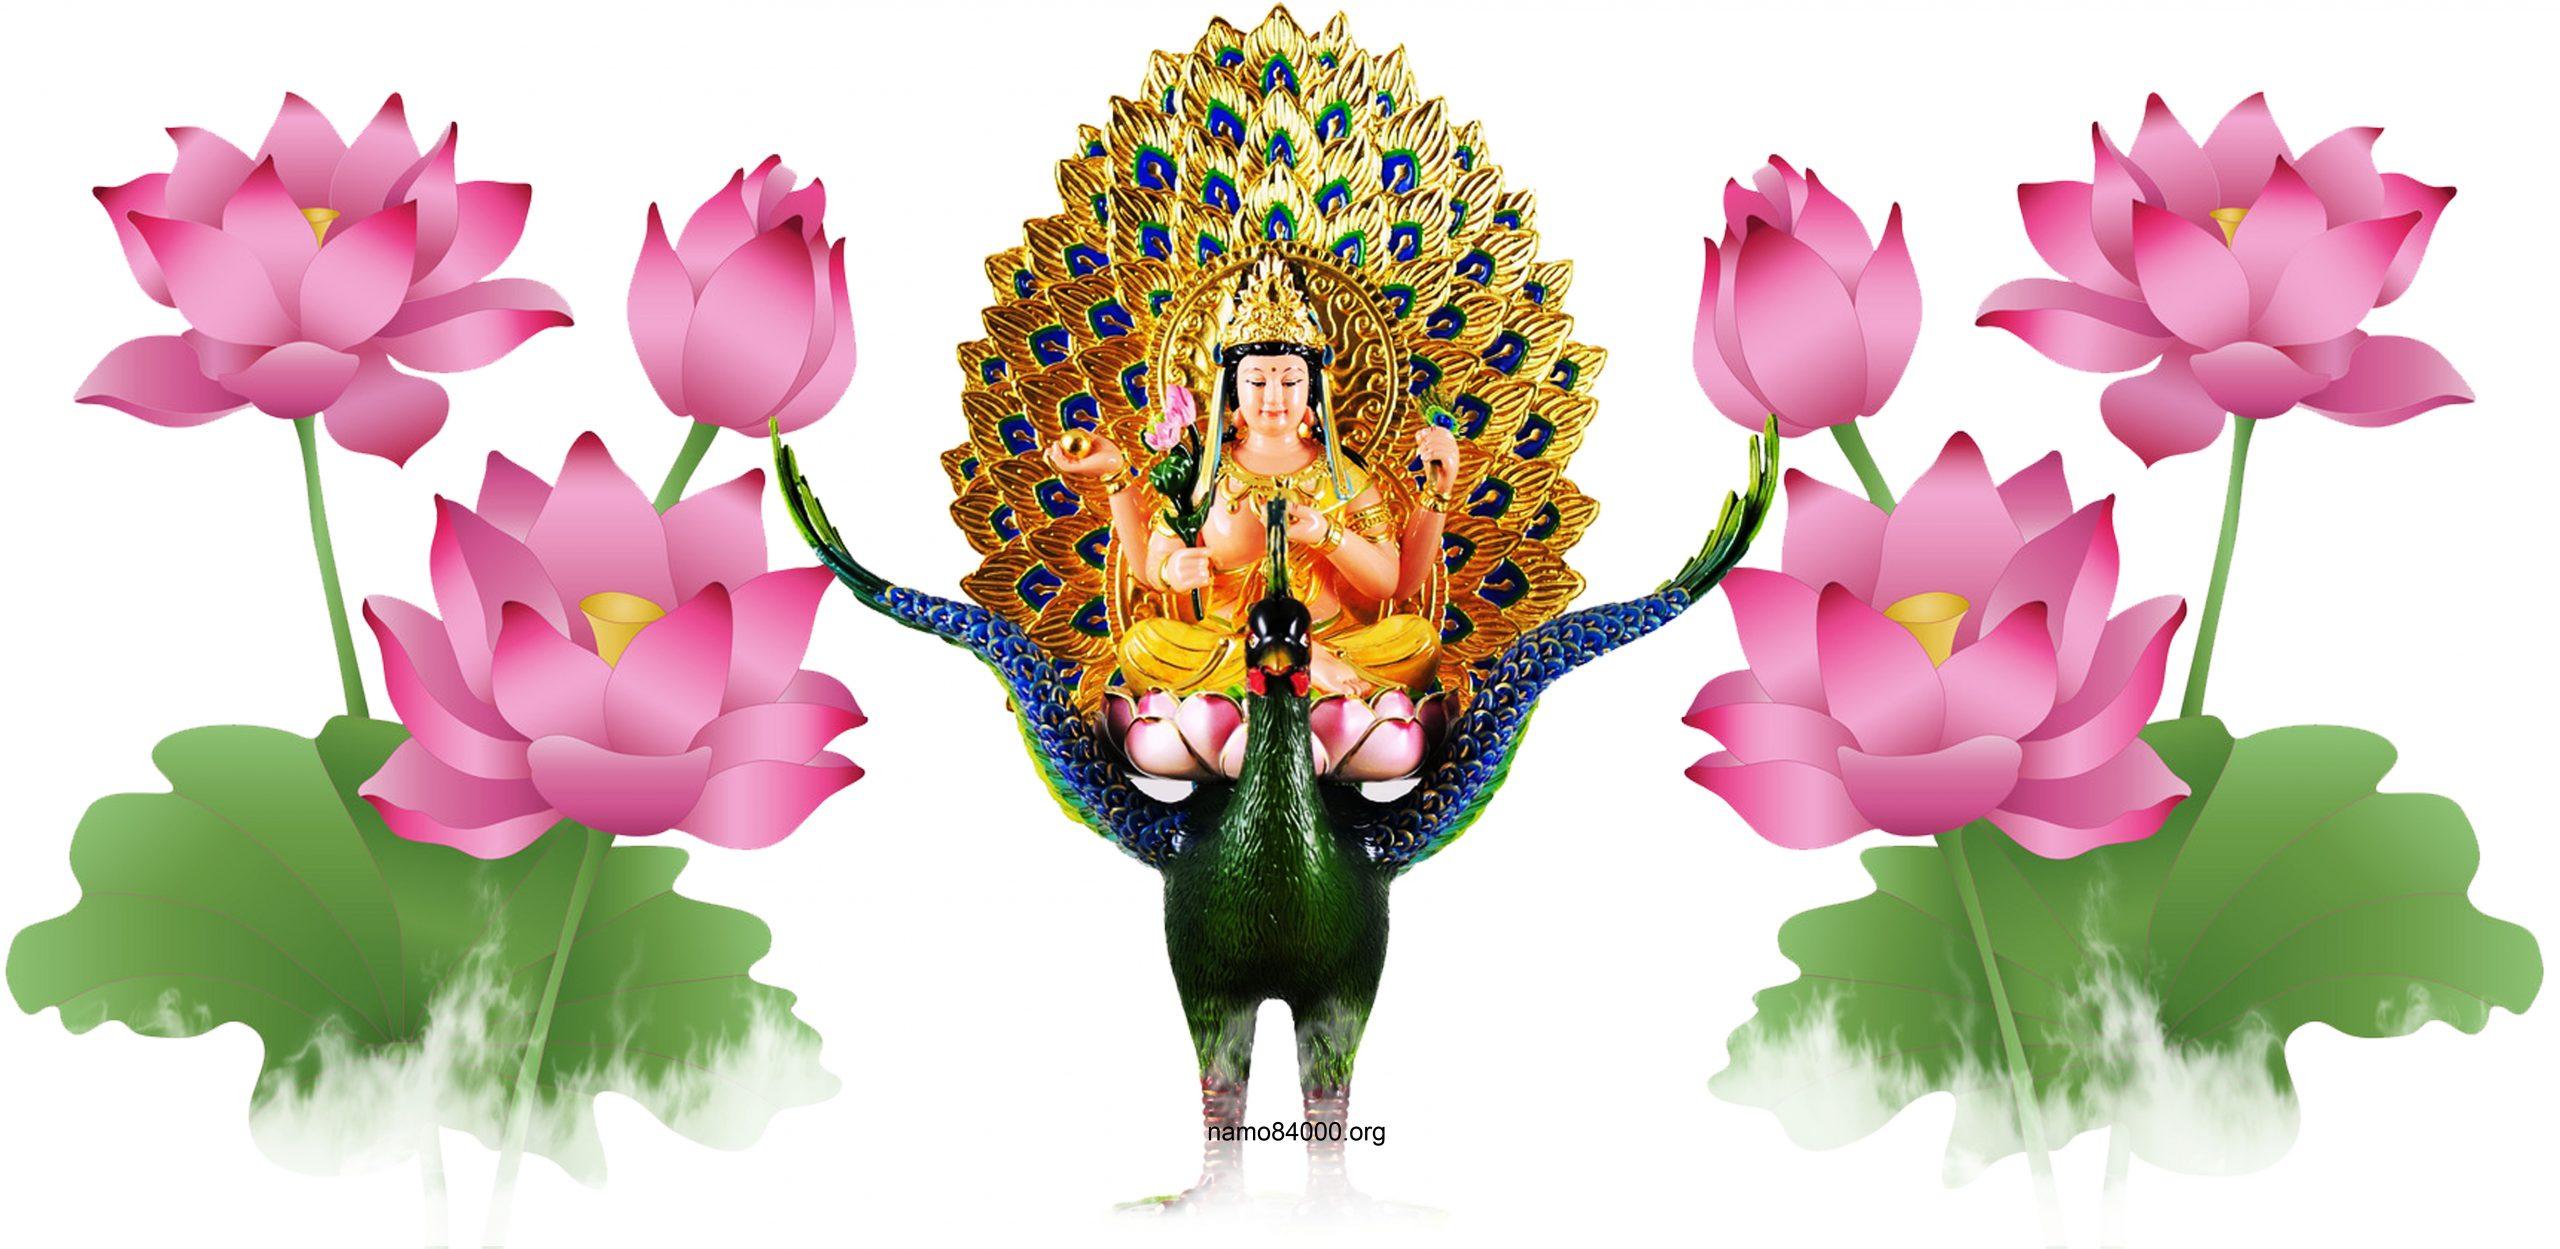 Khổng Tước Minh Vương Bồ tát – Mahamayuri Bodhisattva – 孔雀明王菩薩